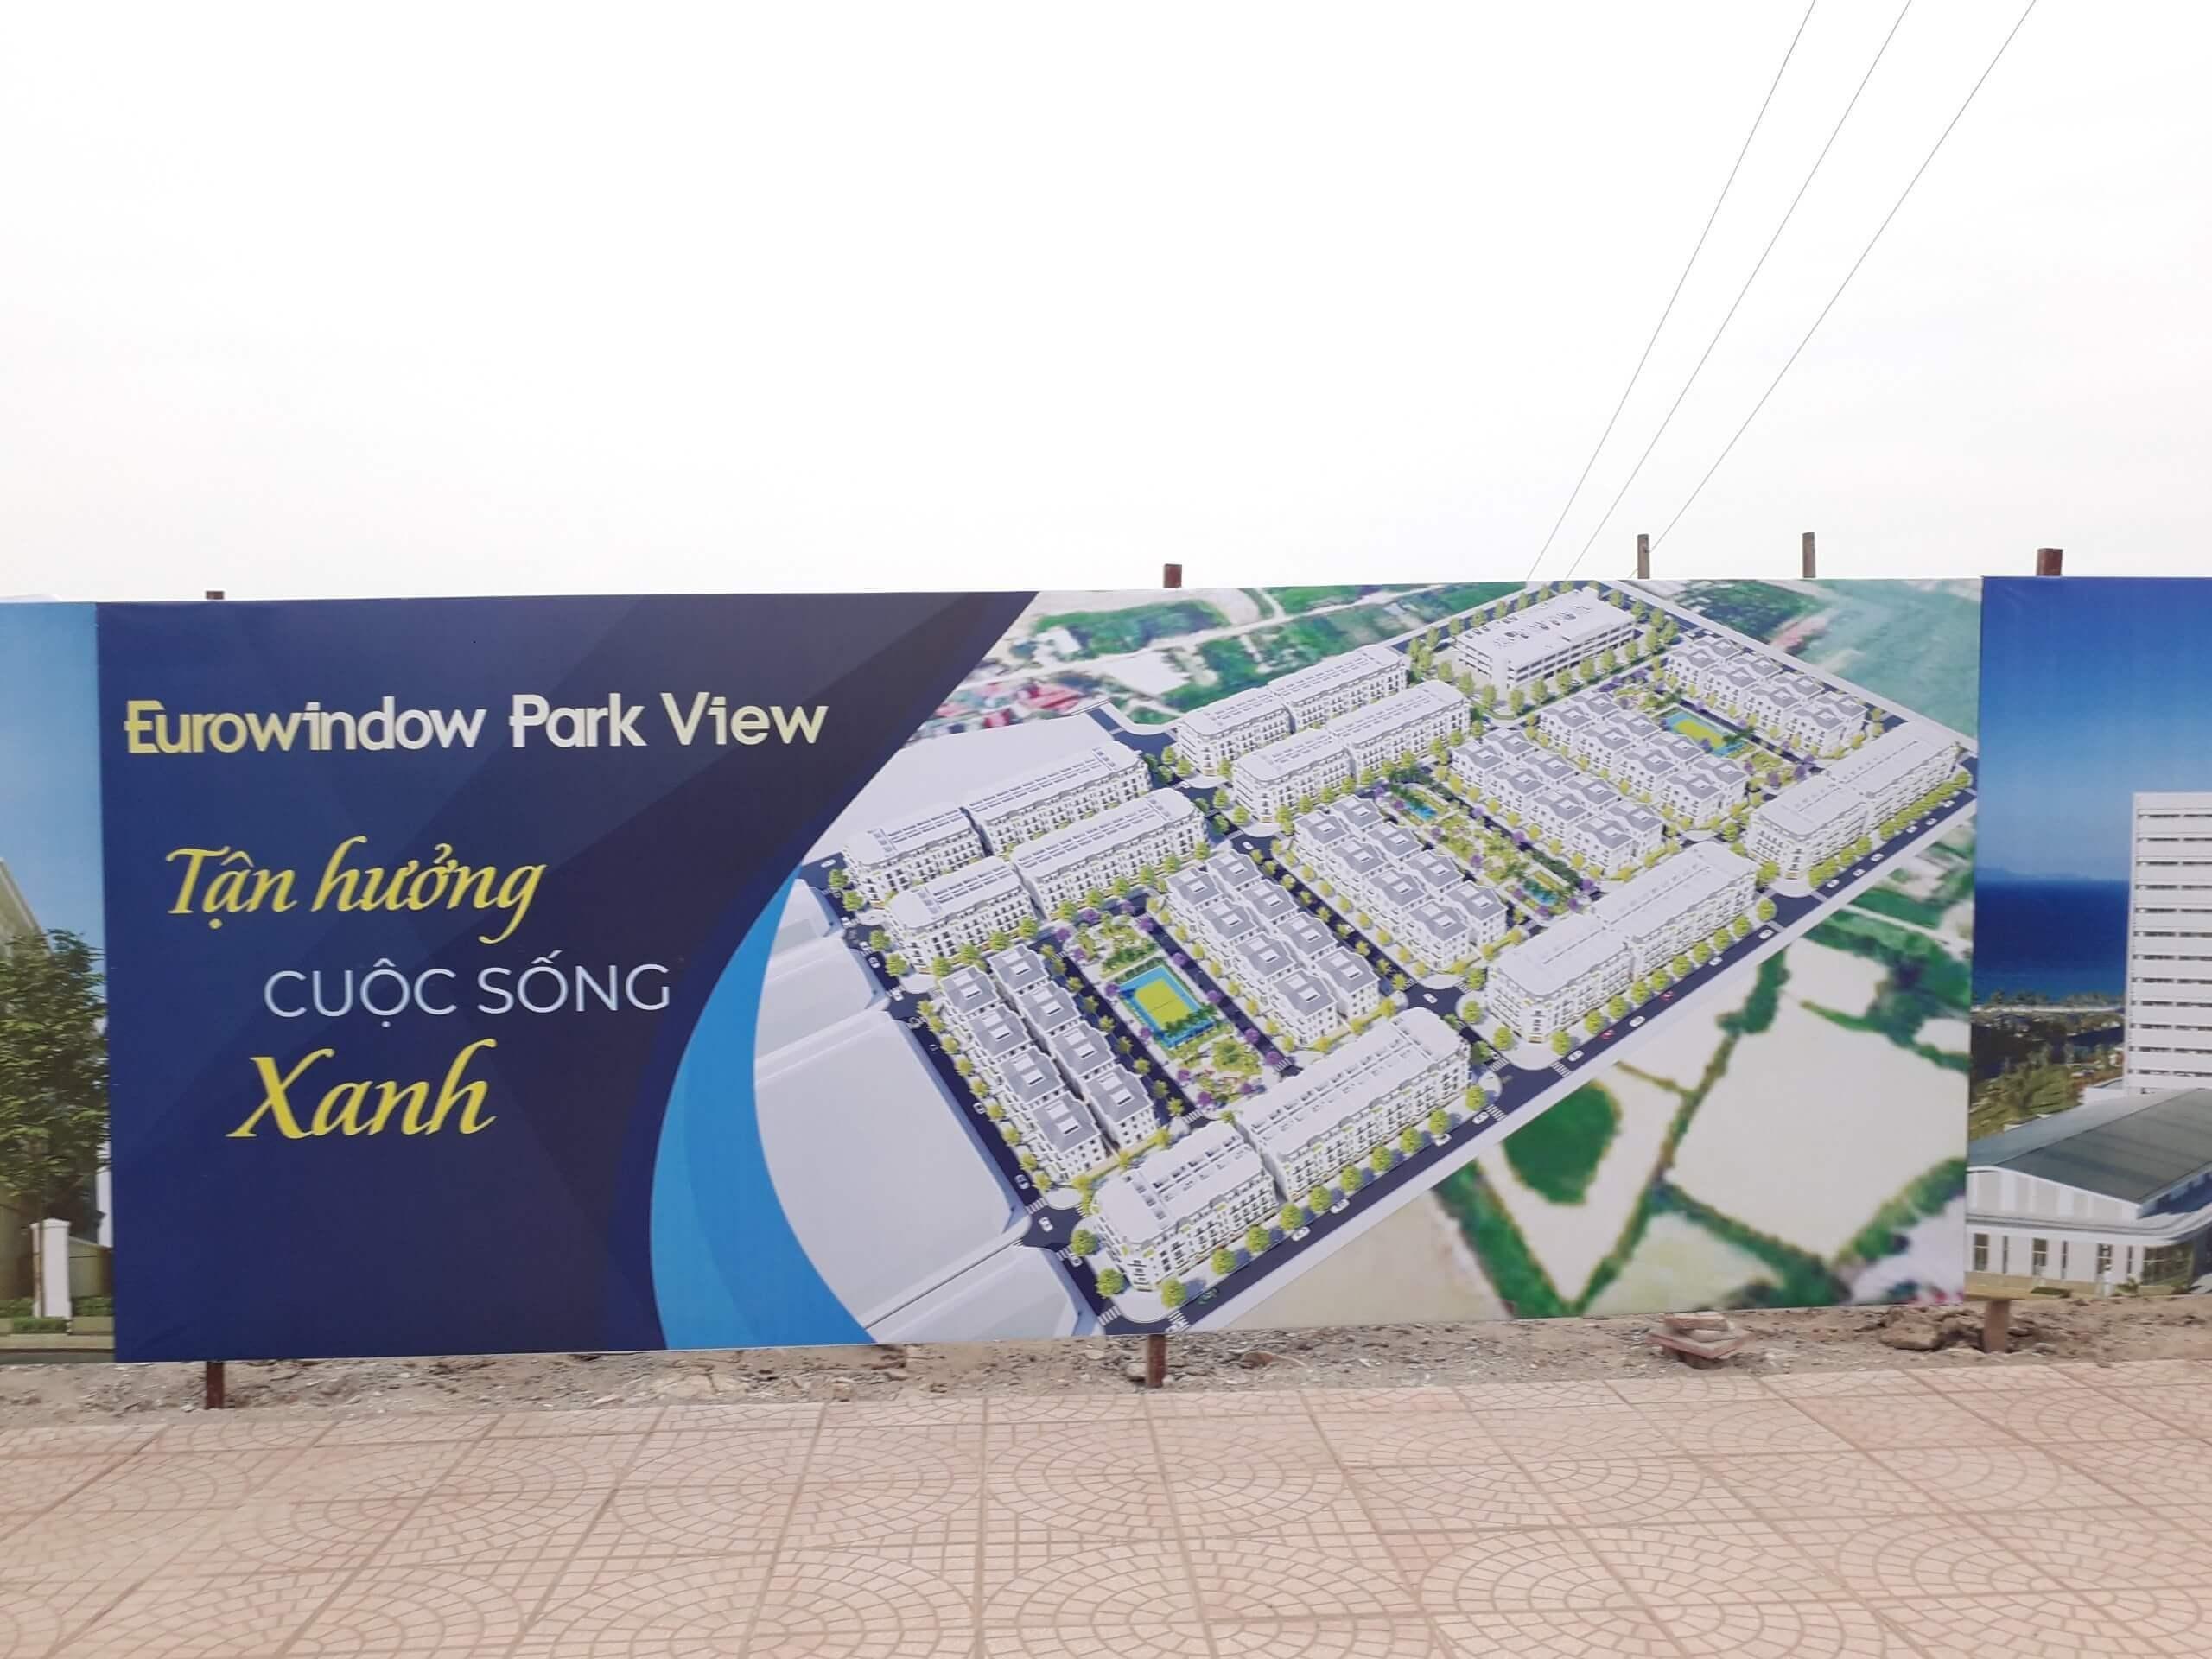 Hiện trạng tiến độ Eurowindow Park View Trâu Quỳ Gia Lâm.